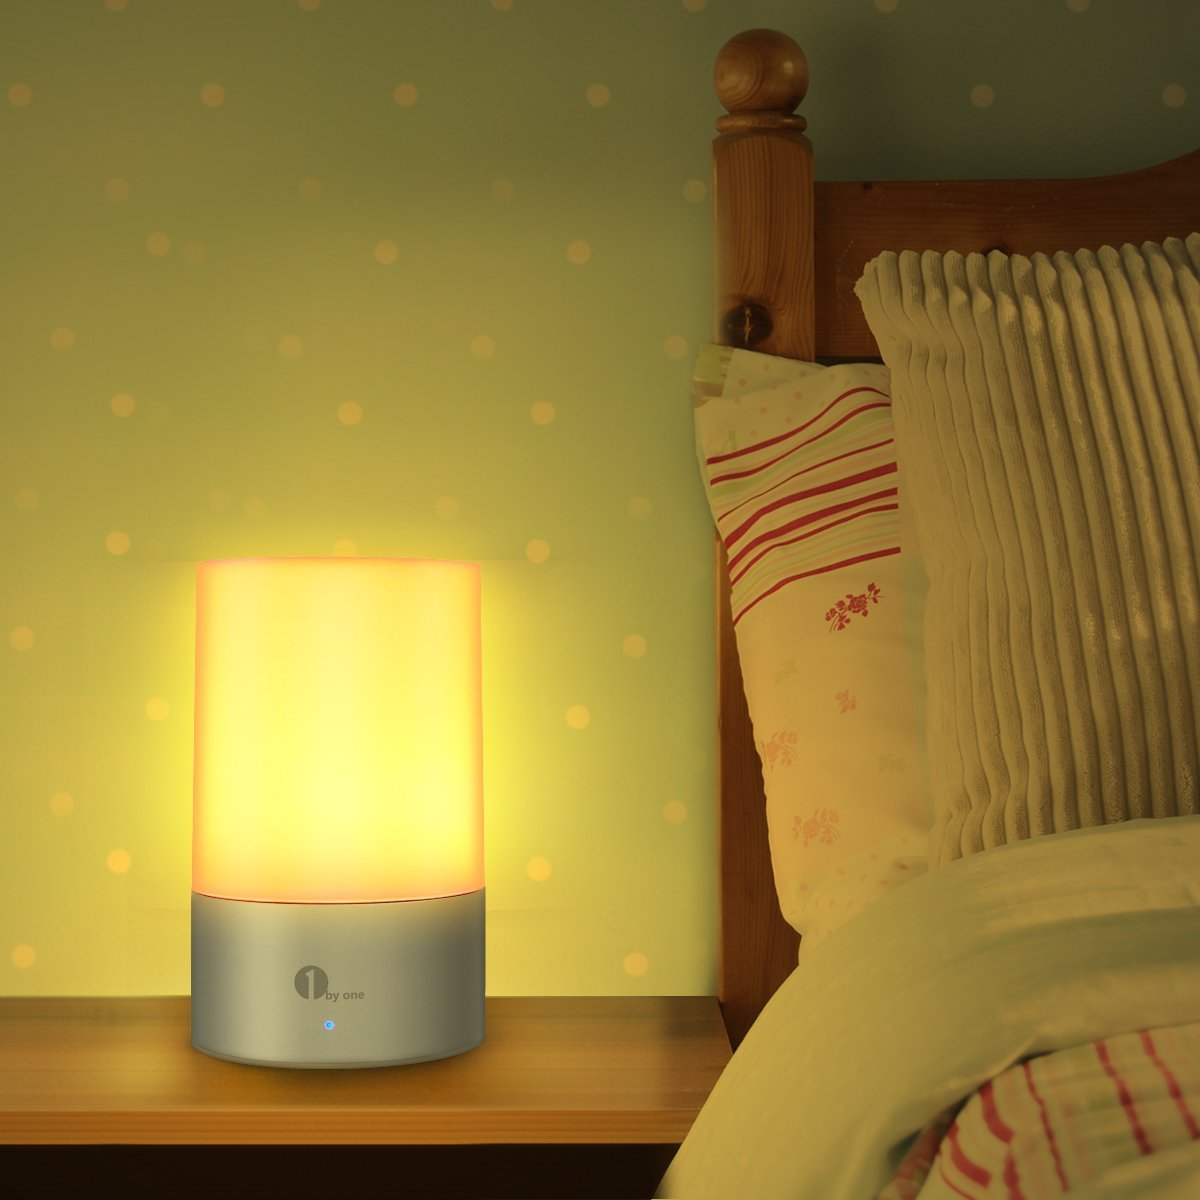 1byone Bedside Lamp